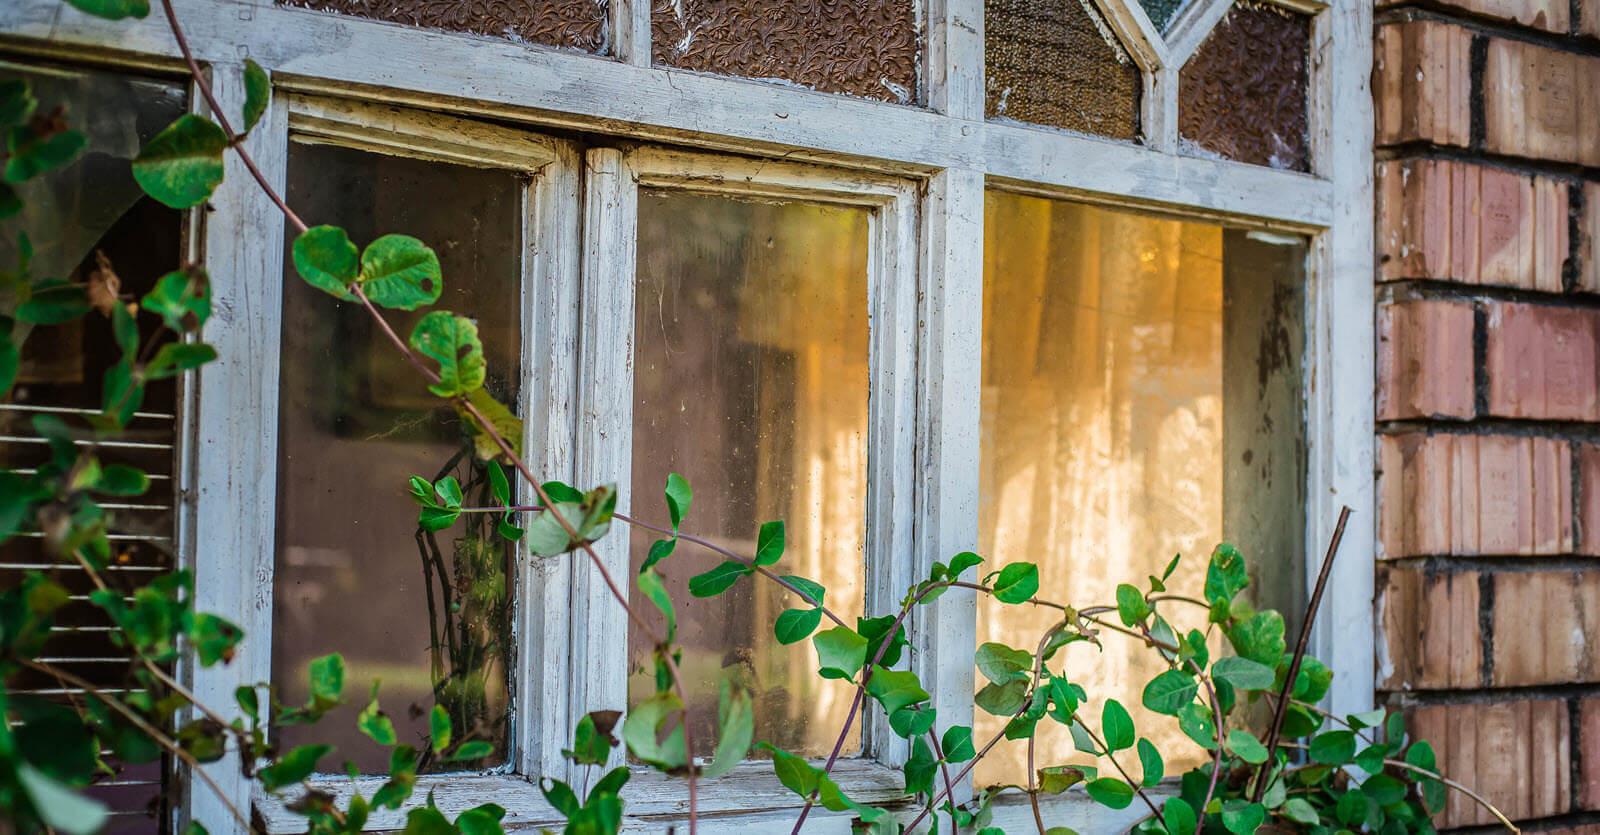 Full Size of Fenster Erneuern 4b Wann Sind Alt Schräge Abdunkeln Sonnenschutz Weru Preise Online Konfigurieren Veka Kbe Klebefolie Für Mit Eingebauten Rolladen Velux Fenster Fenster Erneuern